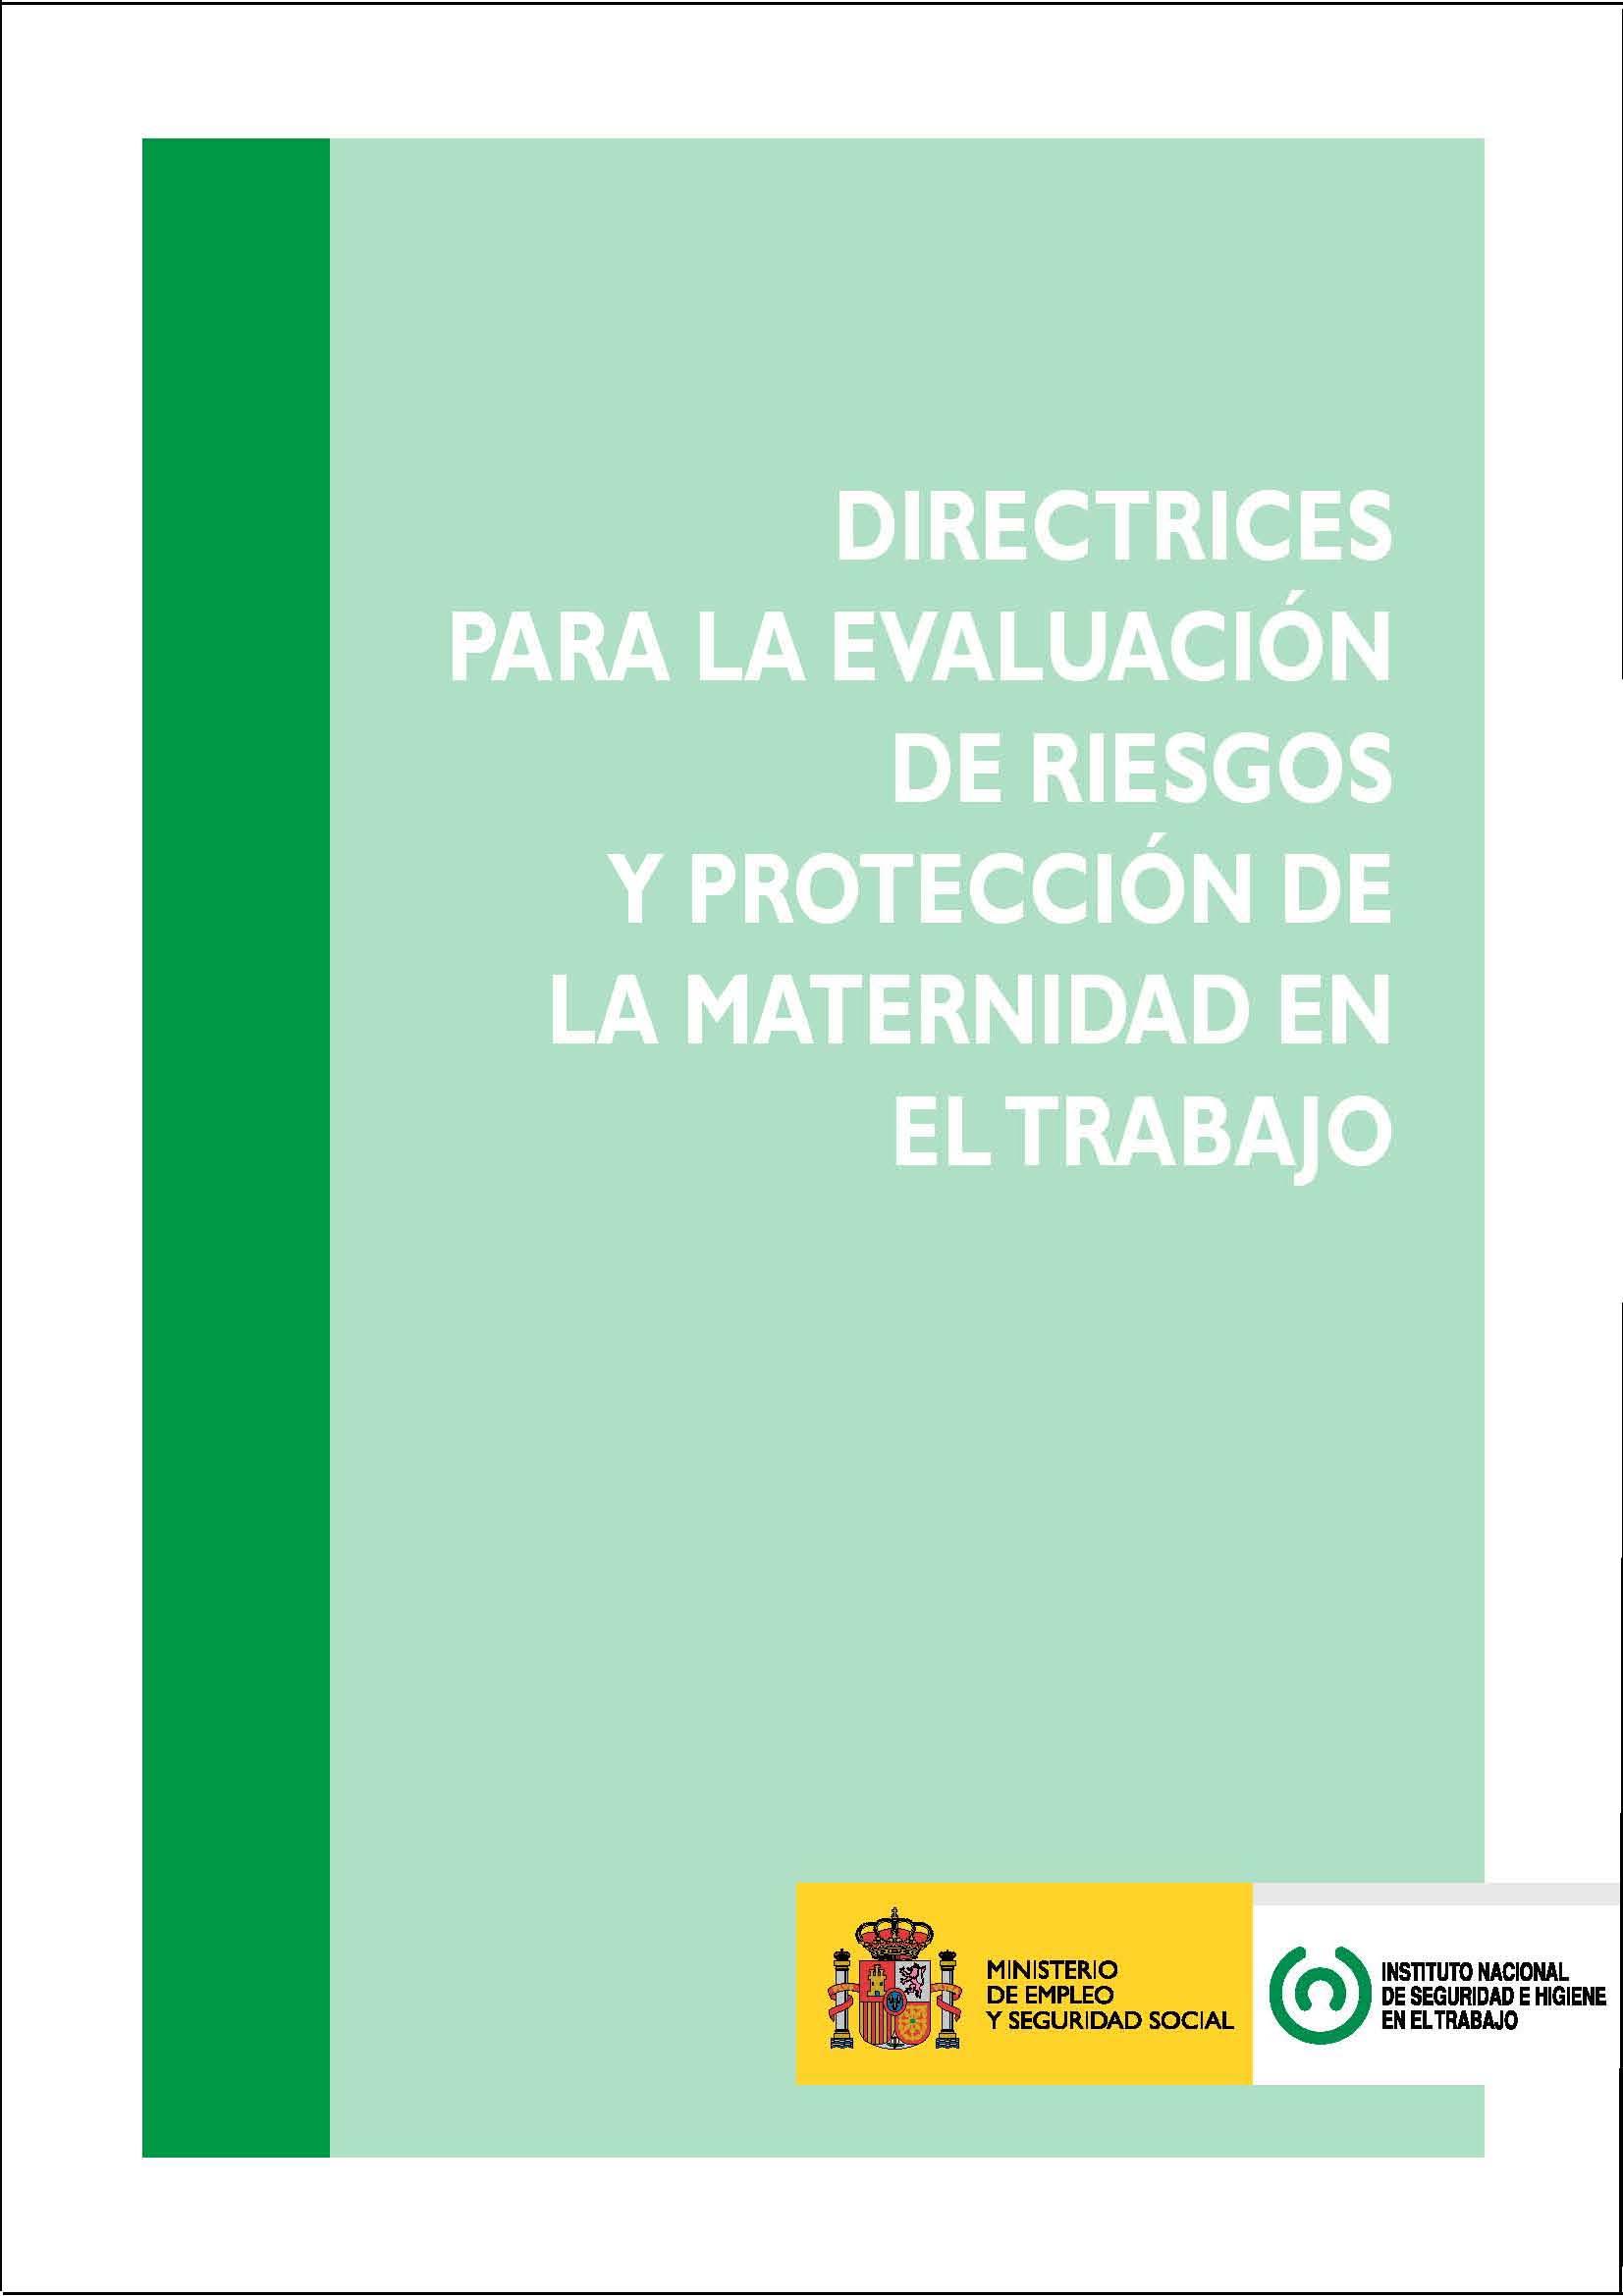 Directrices para la evaluación de riesgos y protección de la maternidad en el trabajo - Año 2011